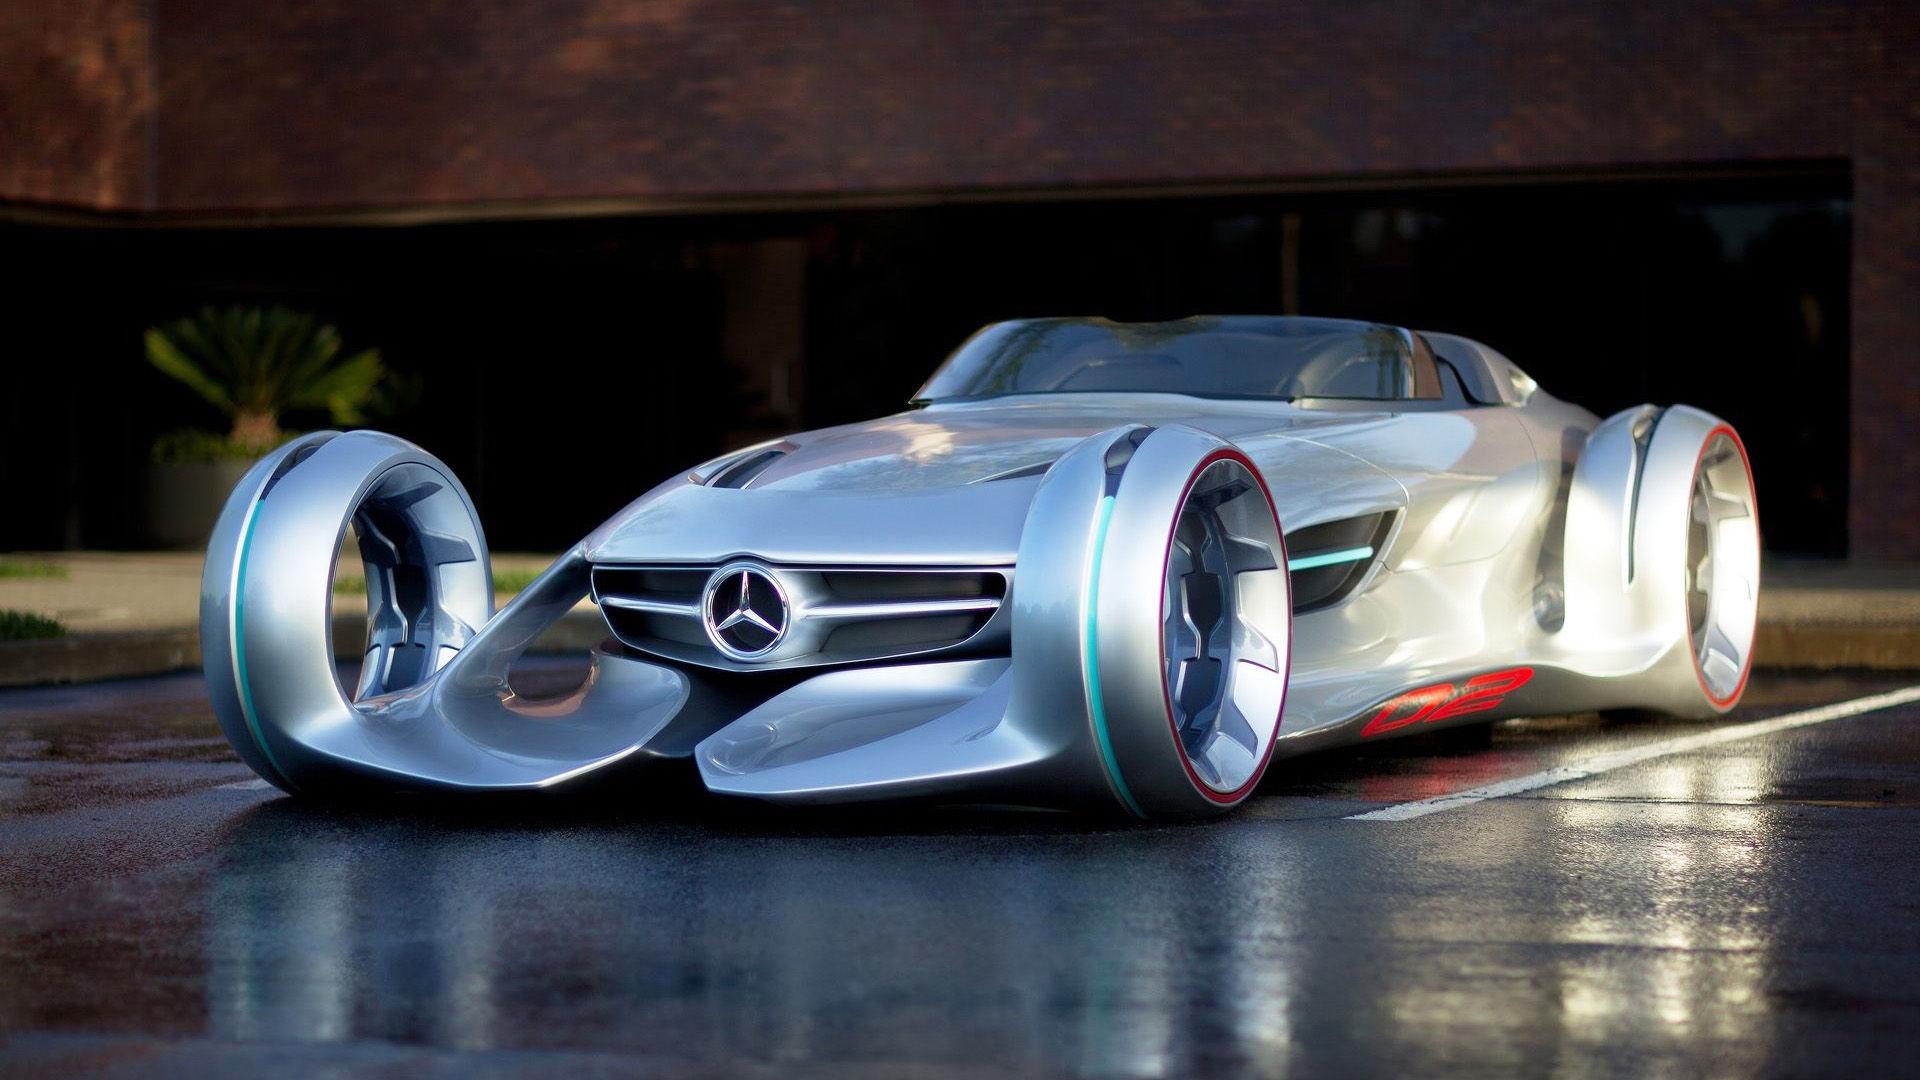 2012 Mercedes-Benz Silver Arrow Concept